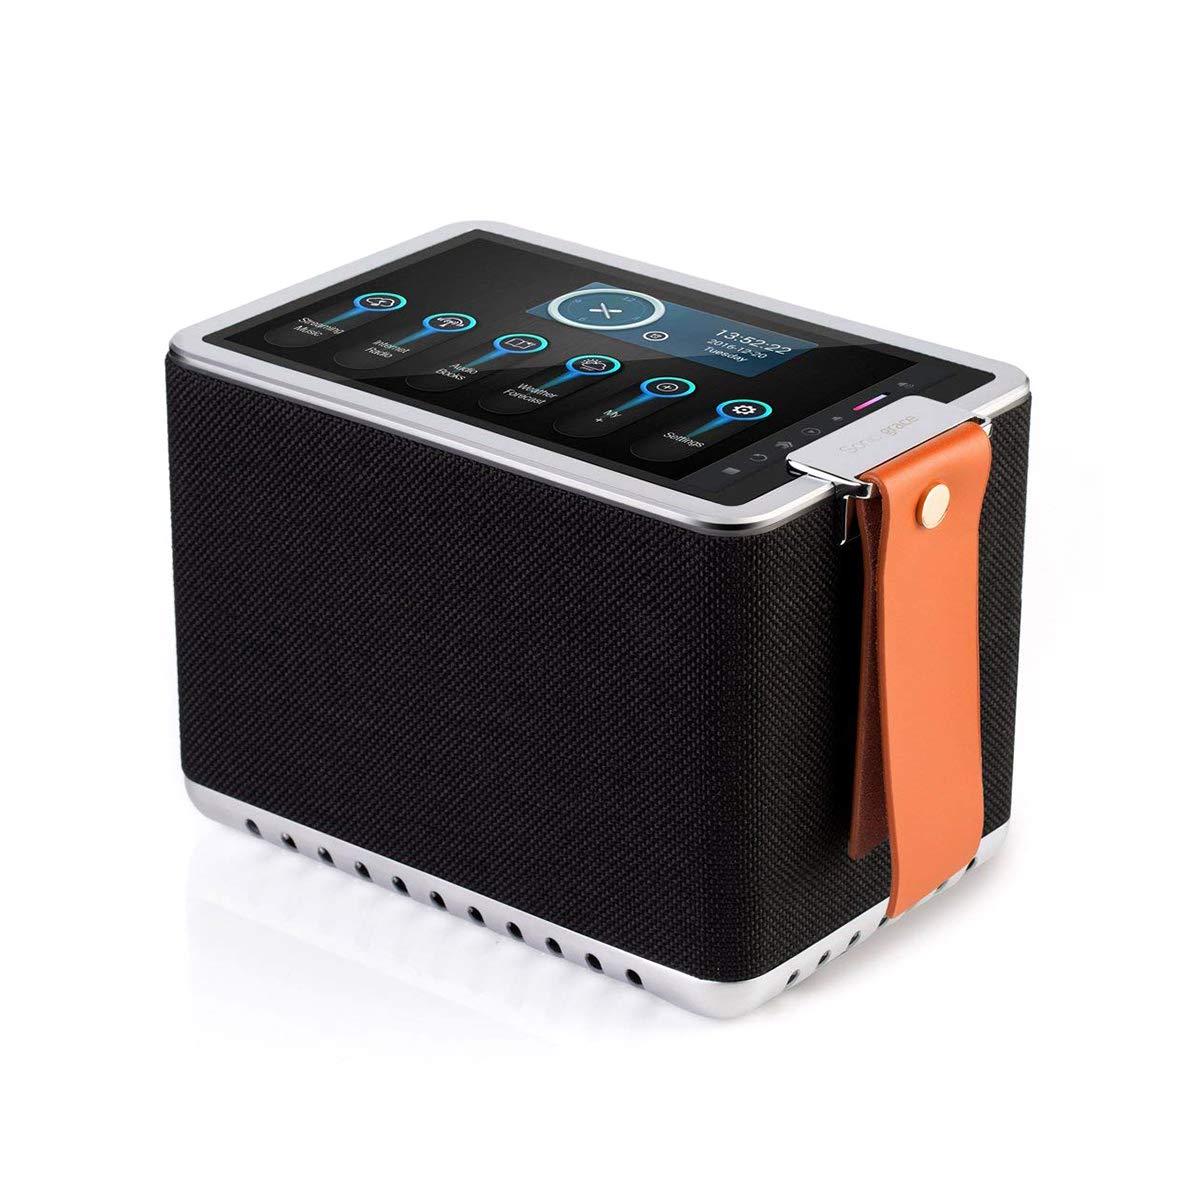 Sonicgrace Wi-Fi Internet Radio, 8'' High Definition Touchscreen, 40W Wireless Hi-Fi Stereo Speaker, 8-in-1 Multifunctional Bluetooth Speaker - Black